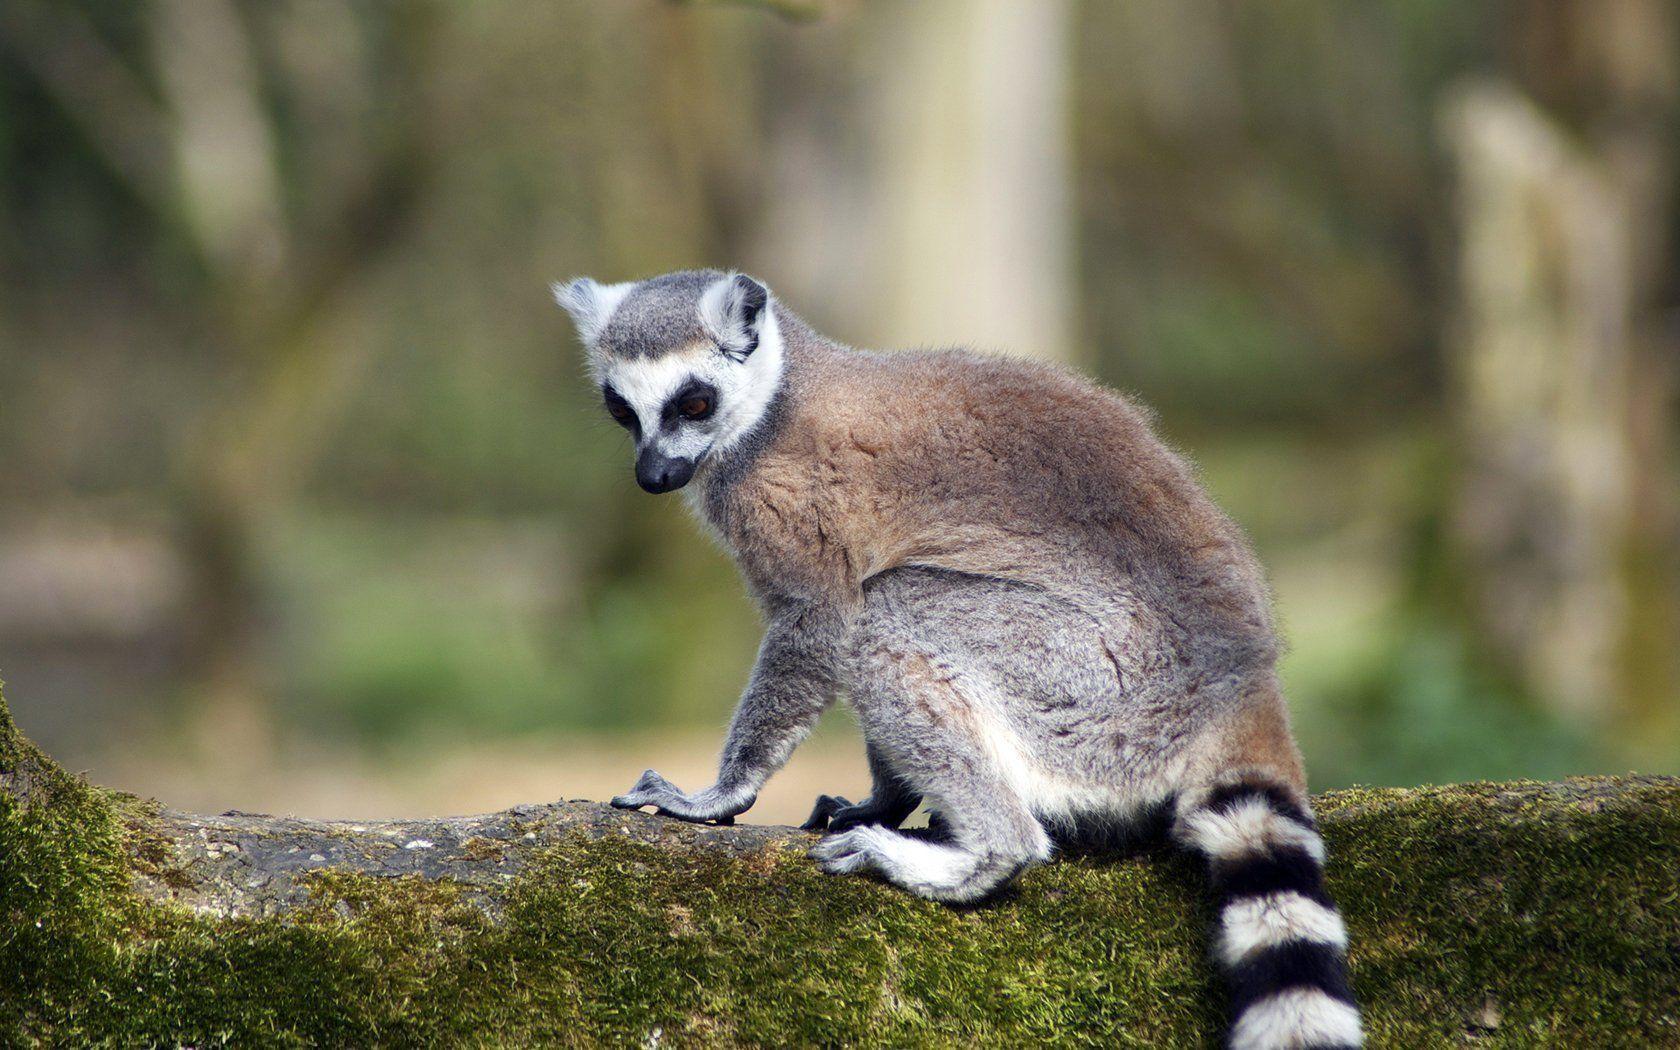 Simple Lemur Wallpaper - SNFmA3y  Pictures_768411.jpg